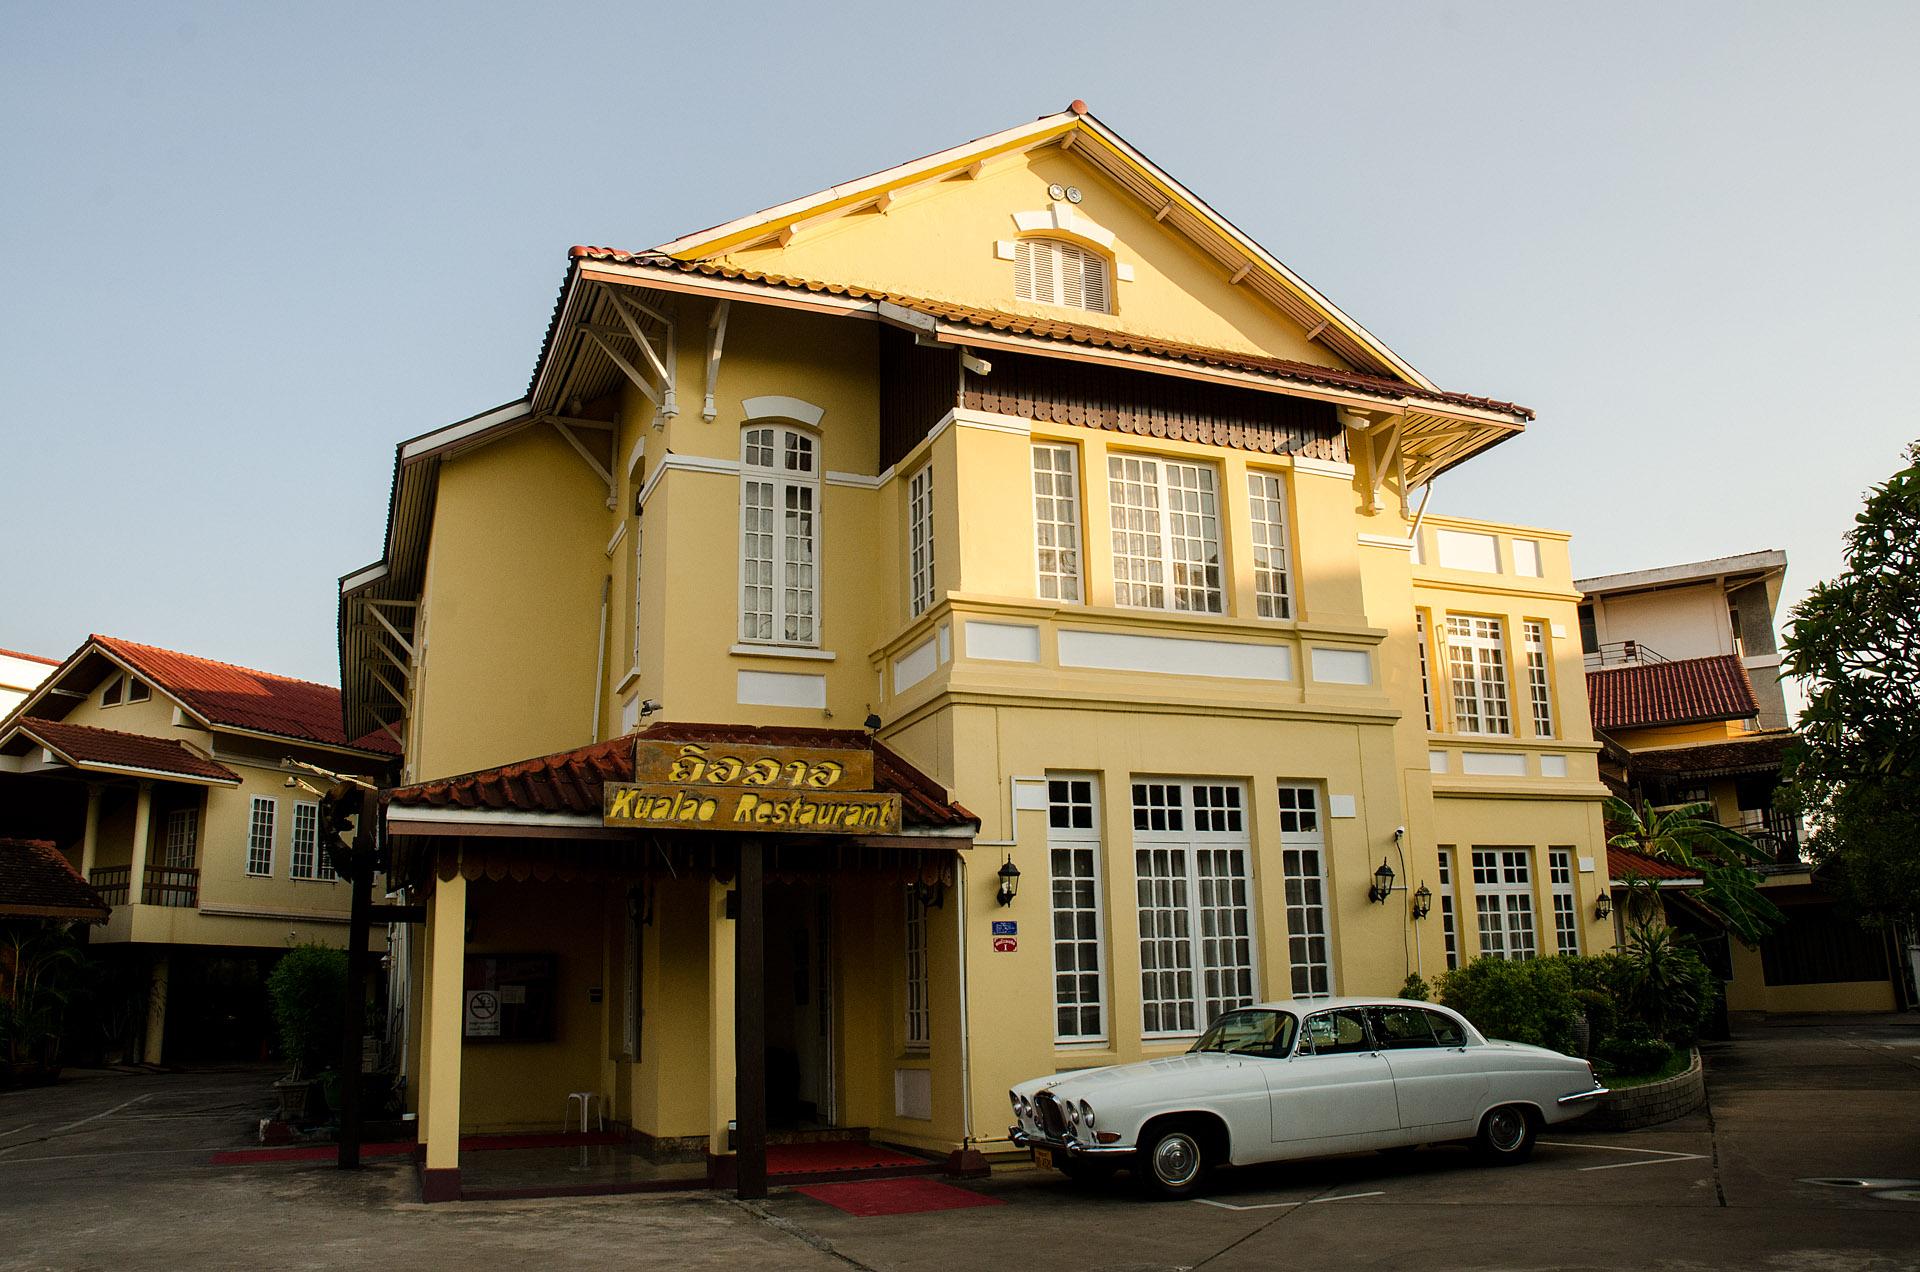 Kualao